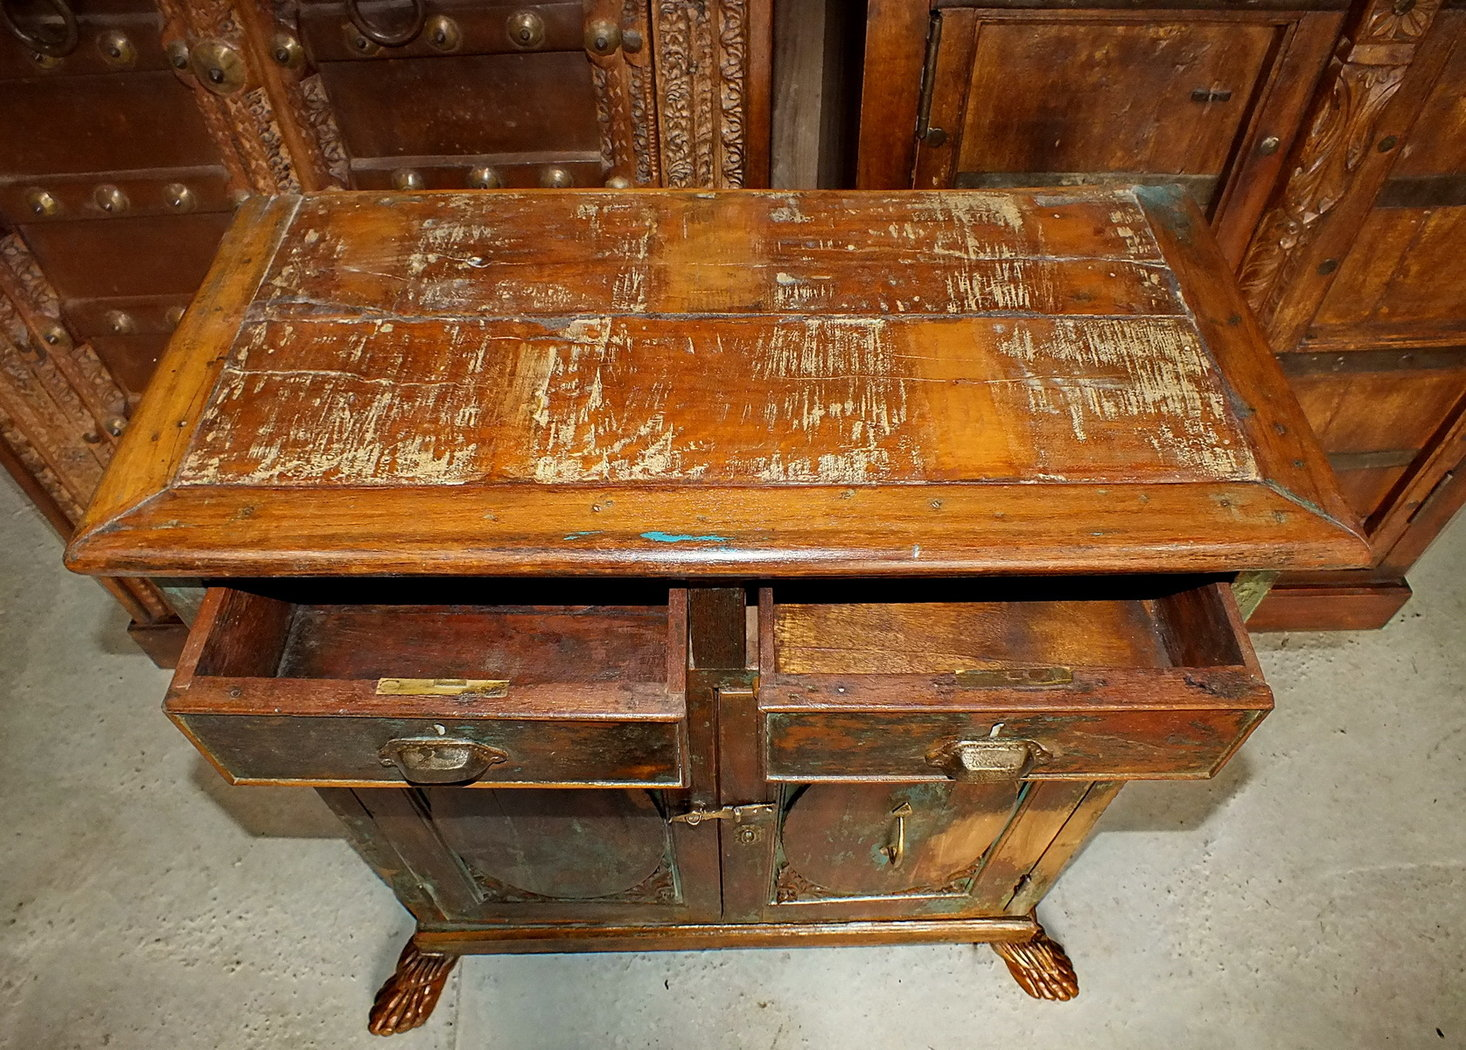 meuble ancien teck jn7 la696 meubles indiens artisanat indien. Black Bedroom Furniture Sets. Home Design Ideas